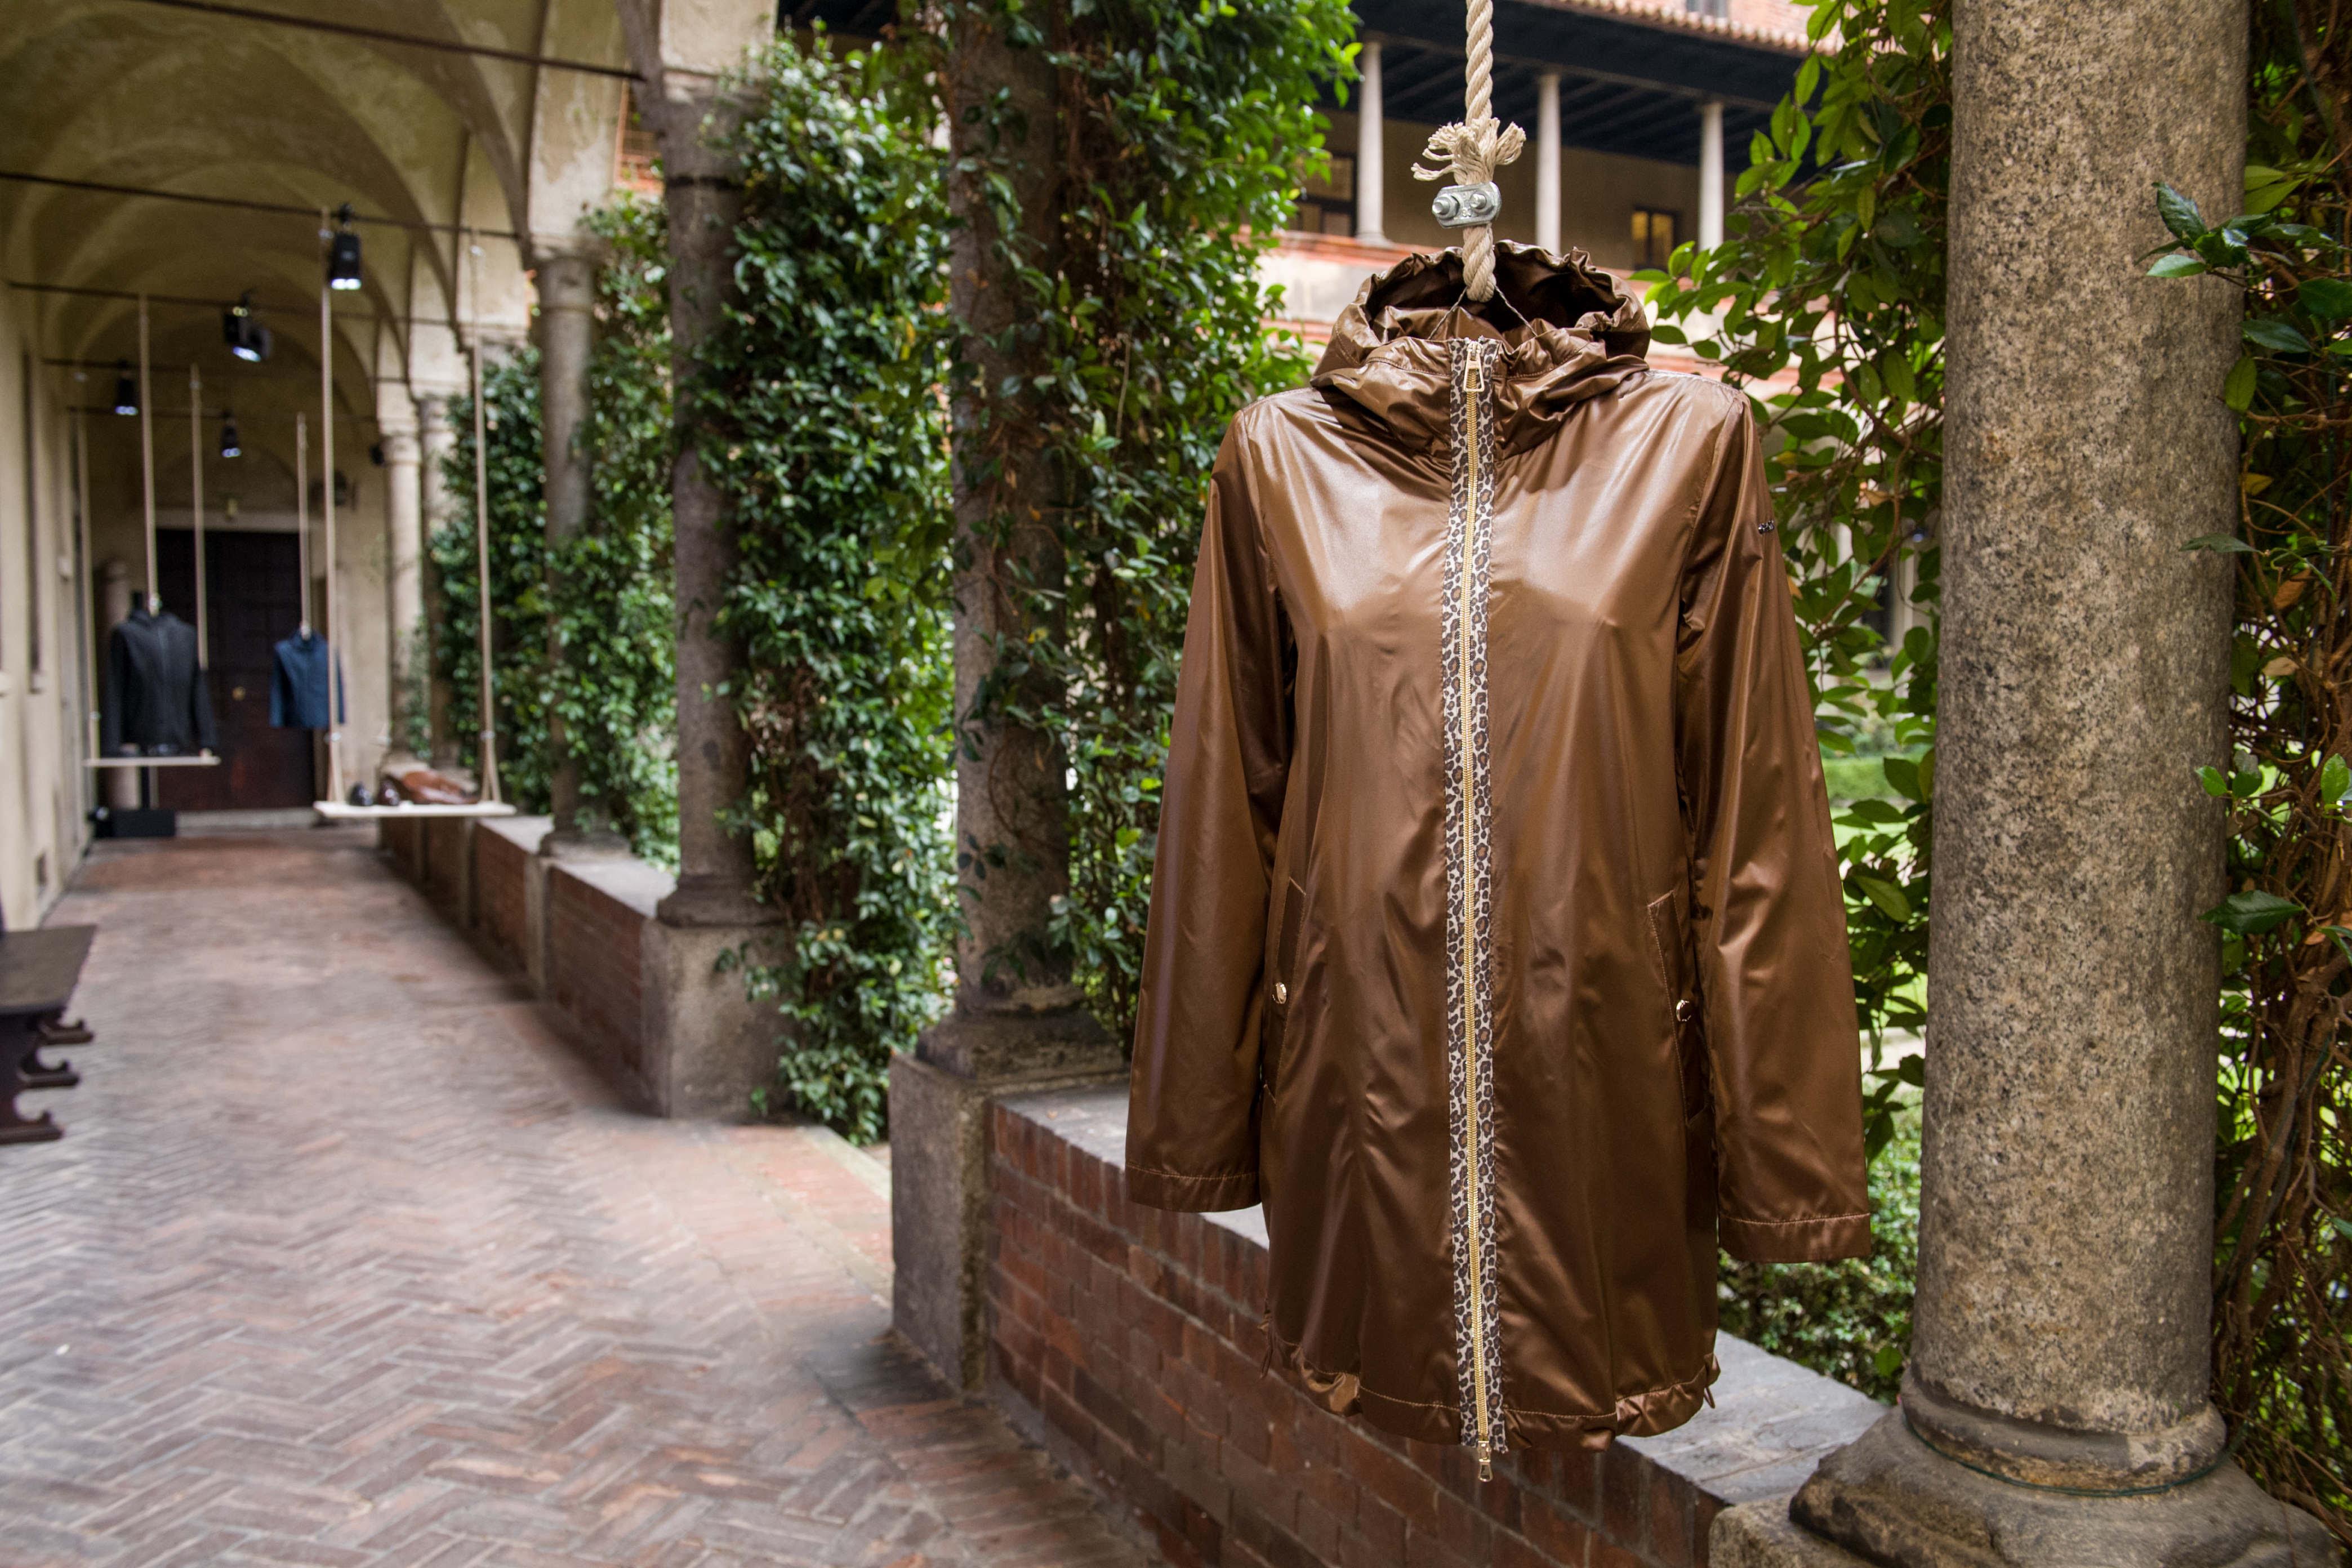 3a2df146 377f 4a89 b721 71b0d0e83970 - GEOX presenta su colección de mujer Primavera / Verano 2021